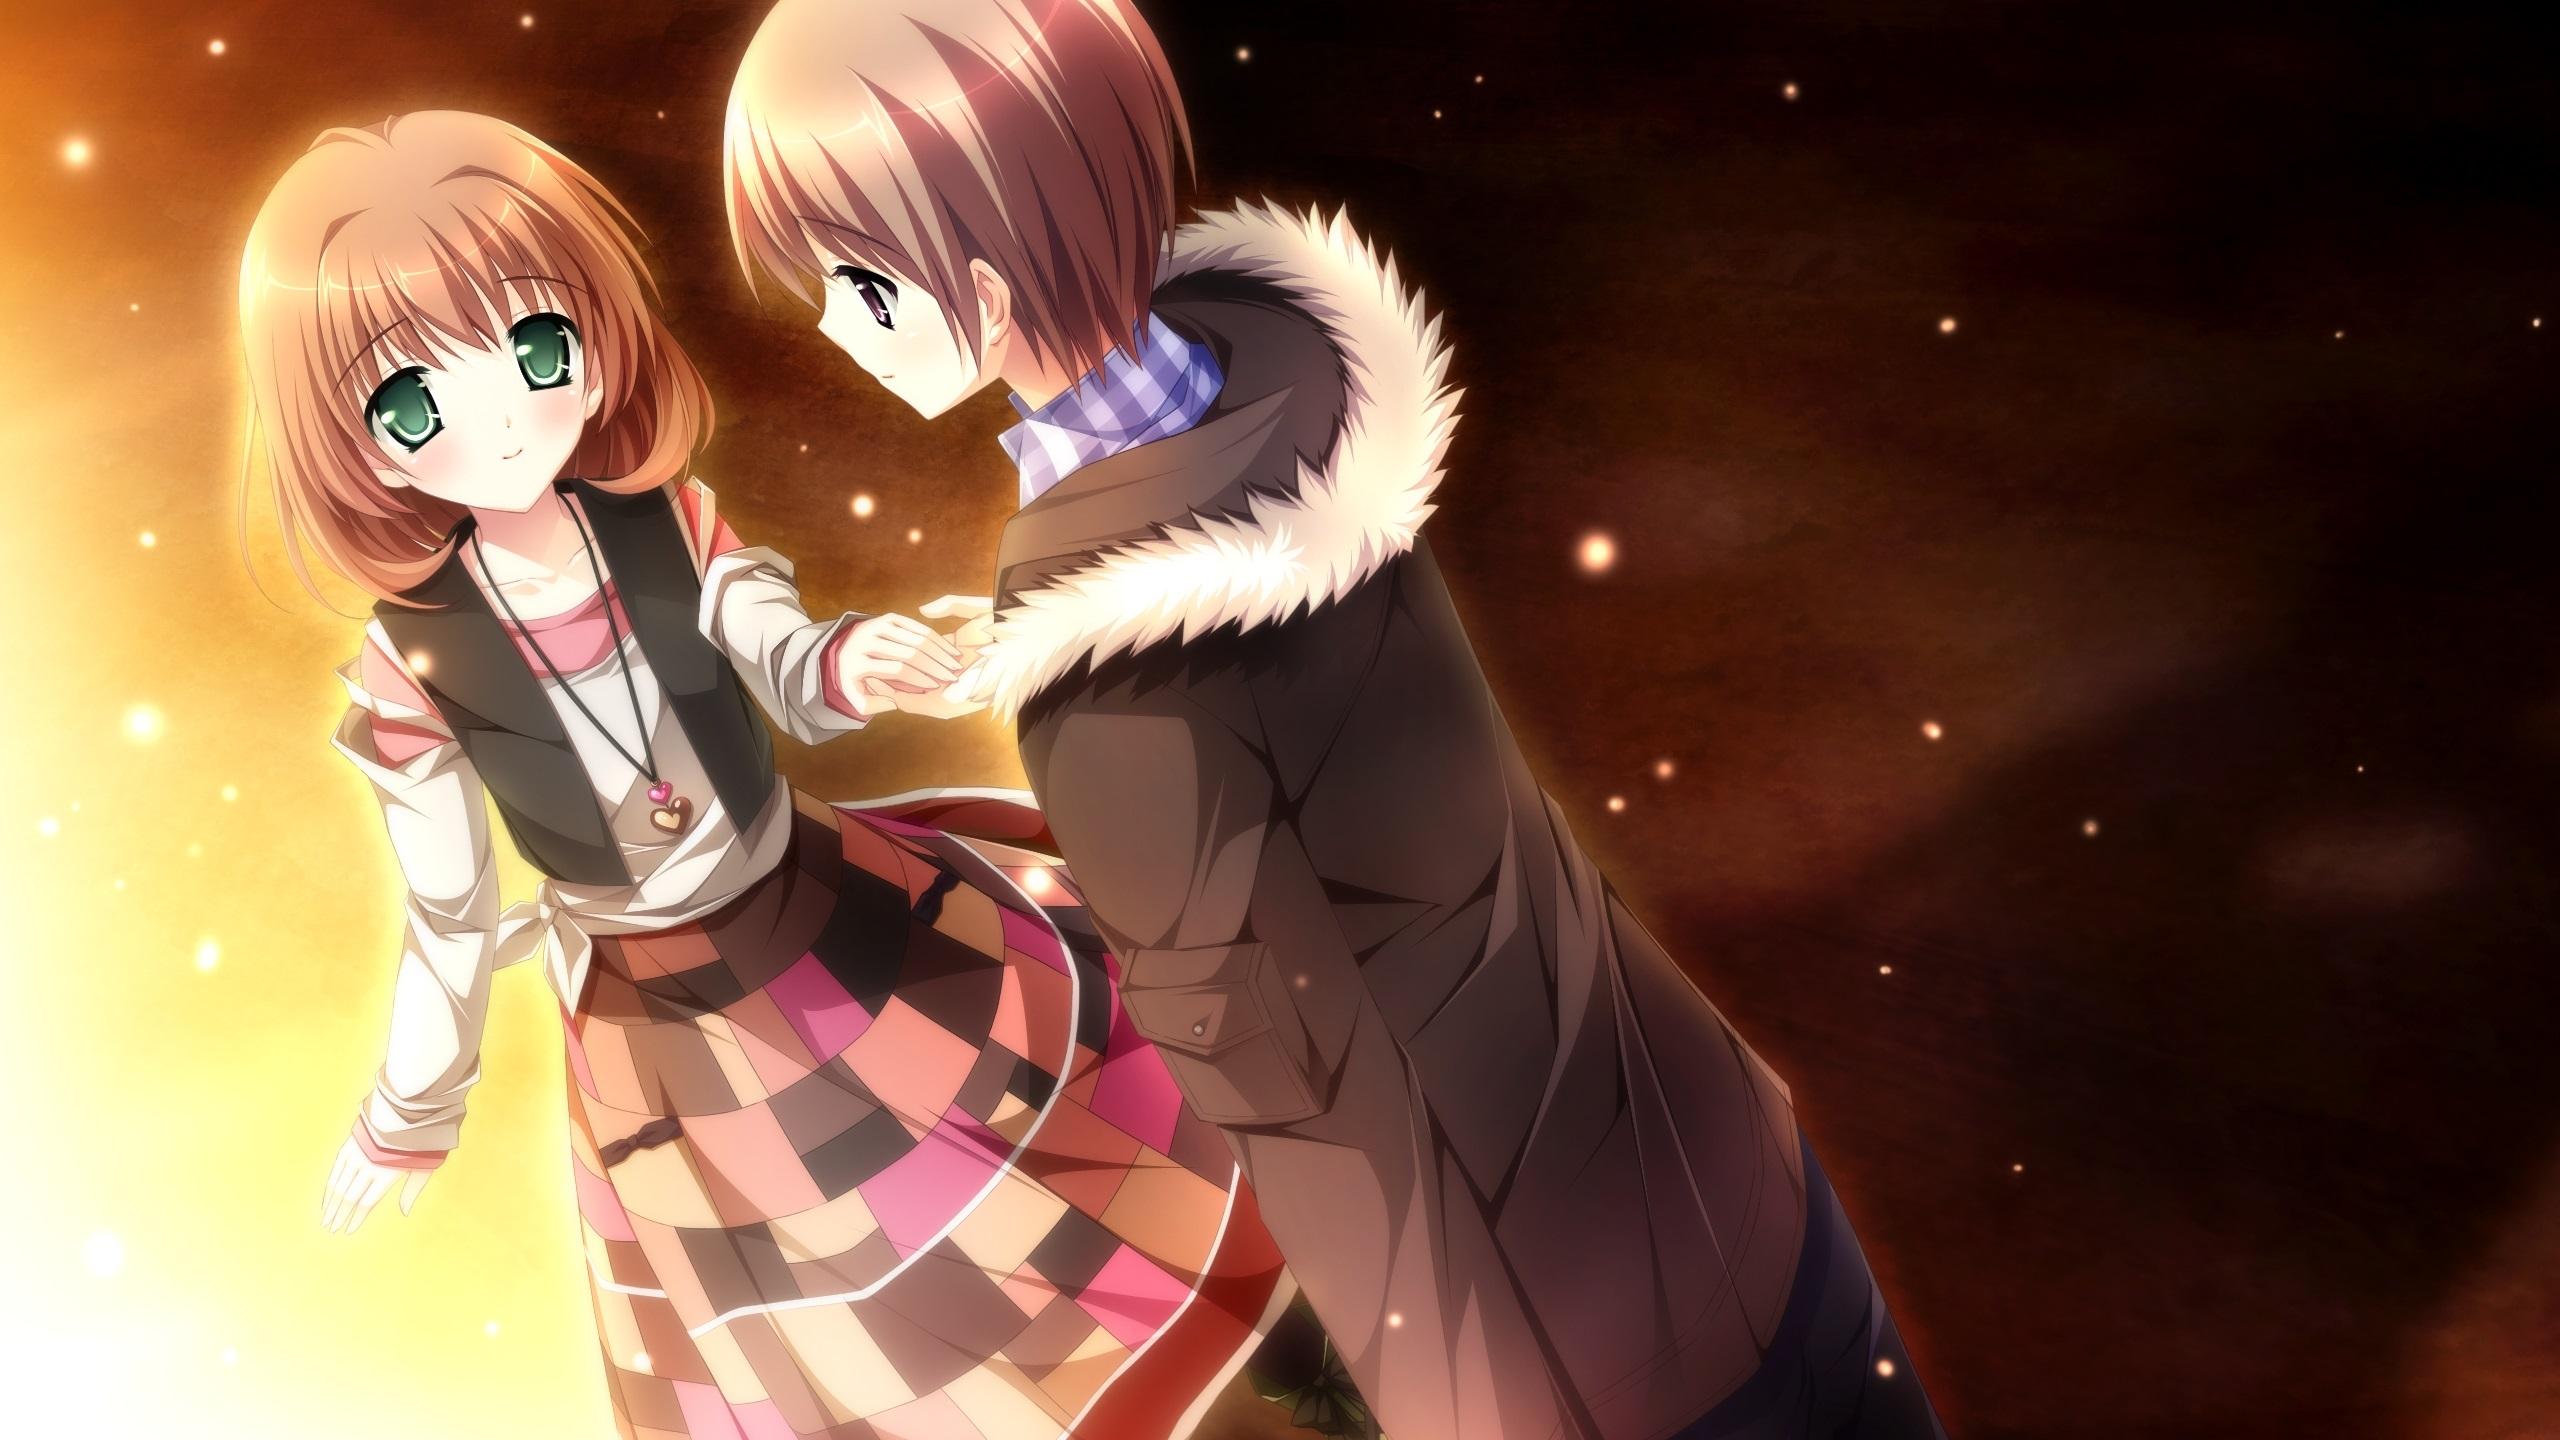 壁紙 アニメの少女と少年 恋人 2560x1440 Qhd 無料のデスクトップの背景 画像